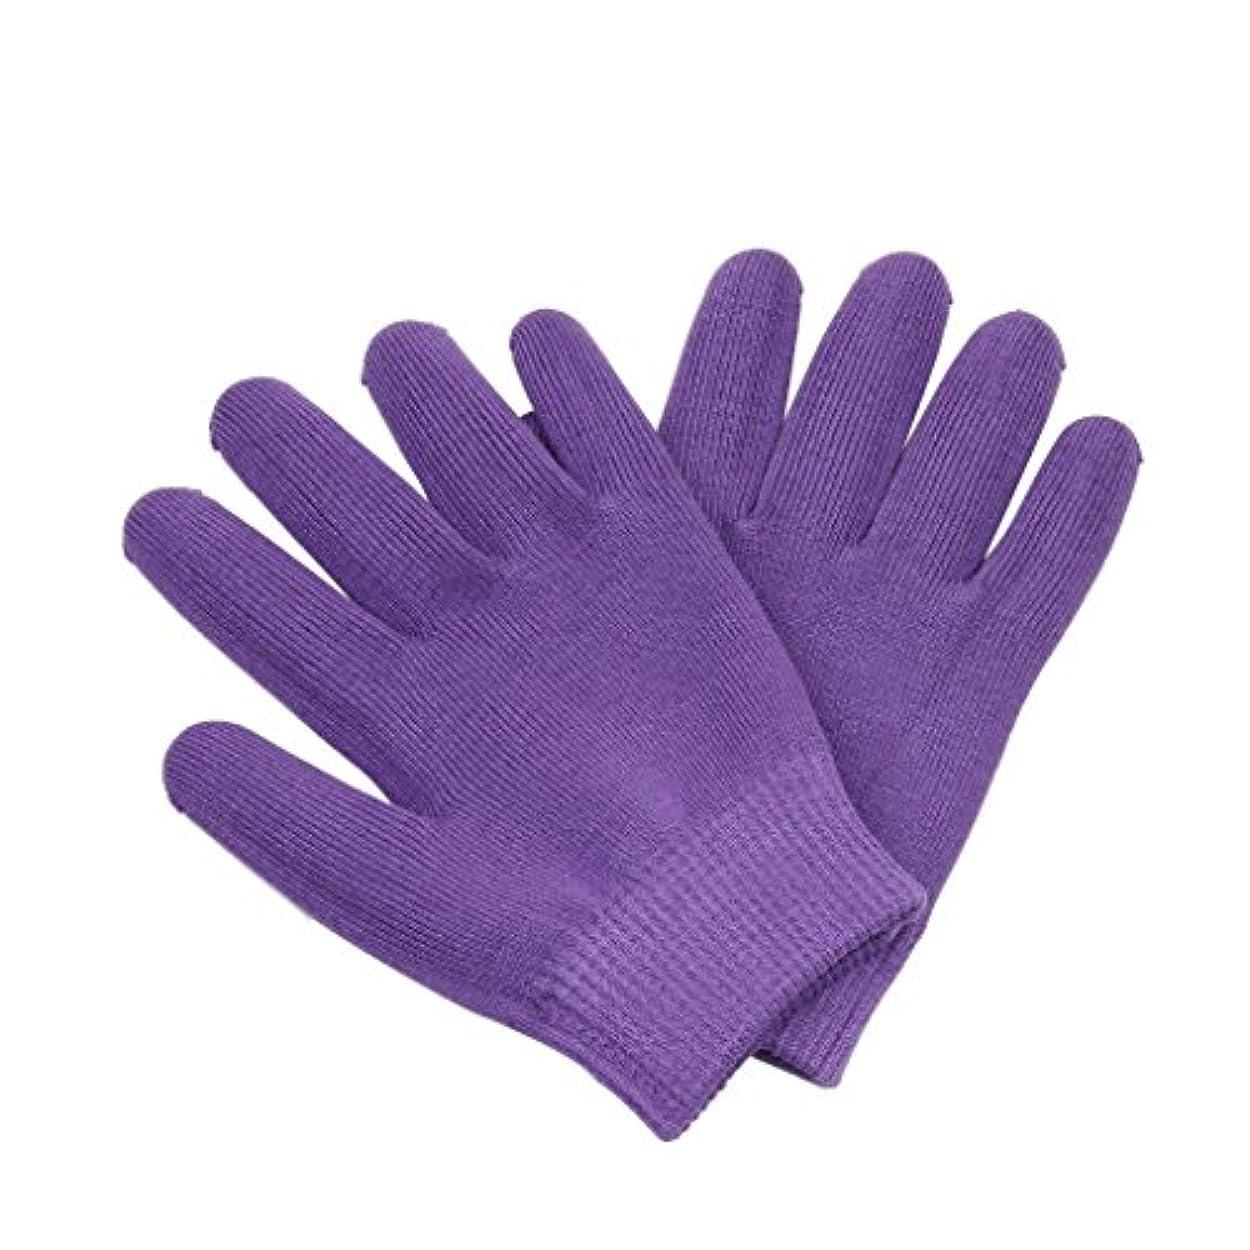 偽物平凡砂のSONONIA 保湿手袋 おやすみ手袋 就寝用 手袋 手湿疹 肌荒れ 乾燥防止 乾燥肌 手荒れ 保湿 スキンケア 全3色選べ - 紫